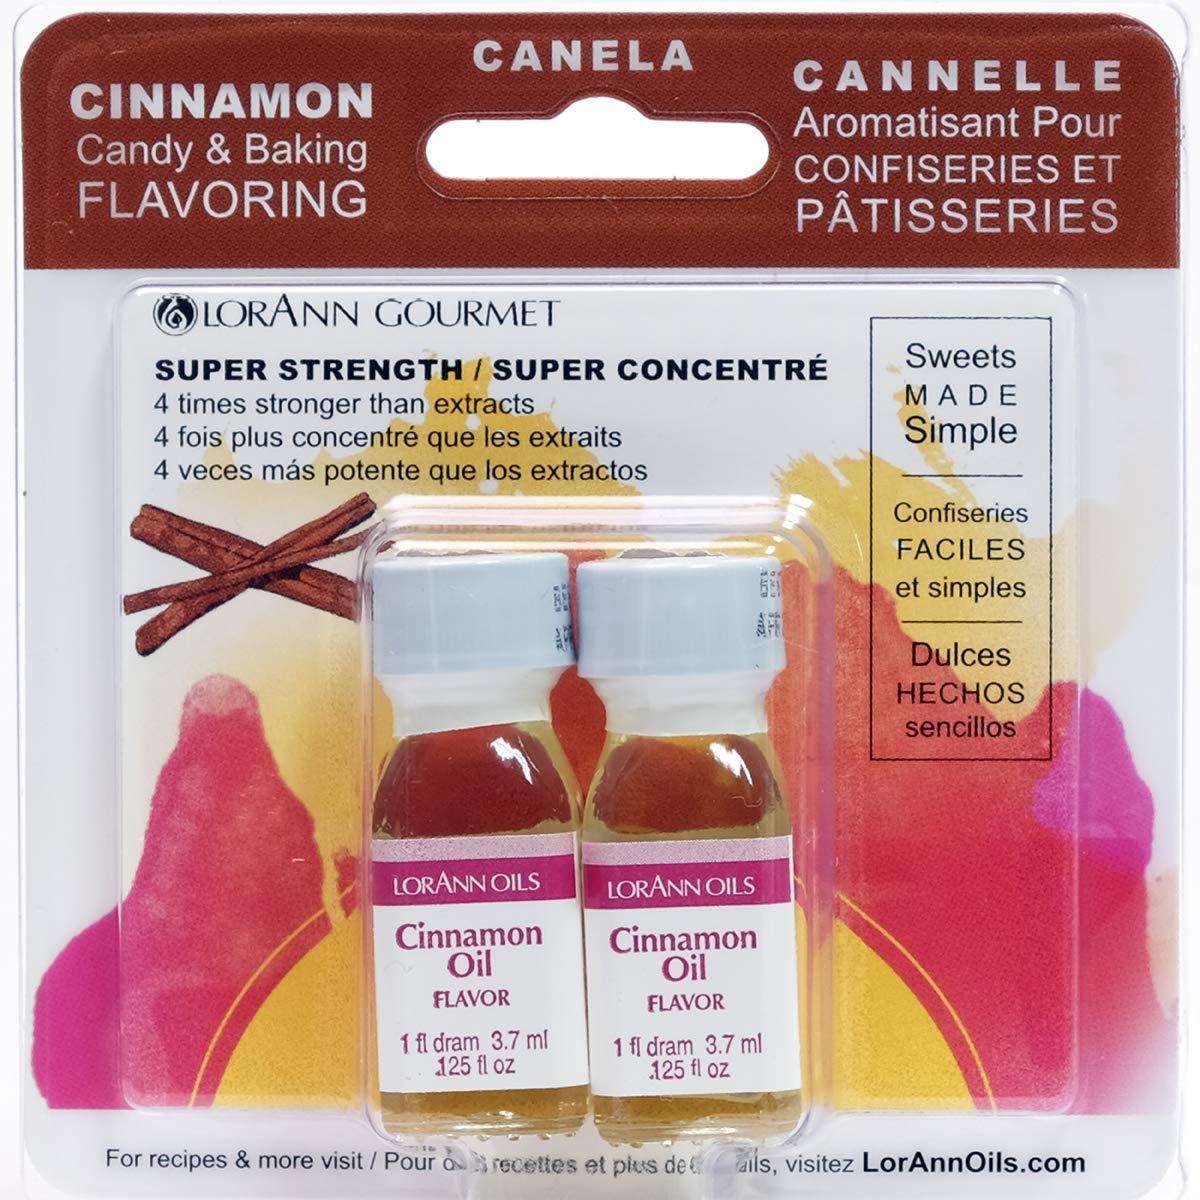 LorAnn Cinnamon Oil Super Strength Flavor, 1 dram bottle (.0125 fl oz - 3.7ml) Twin pack blistered